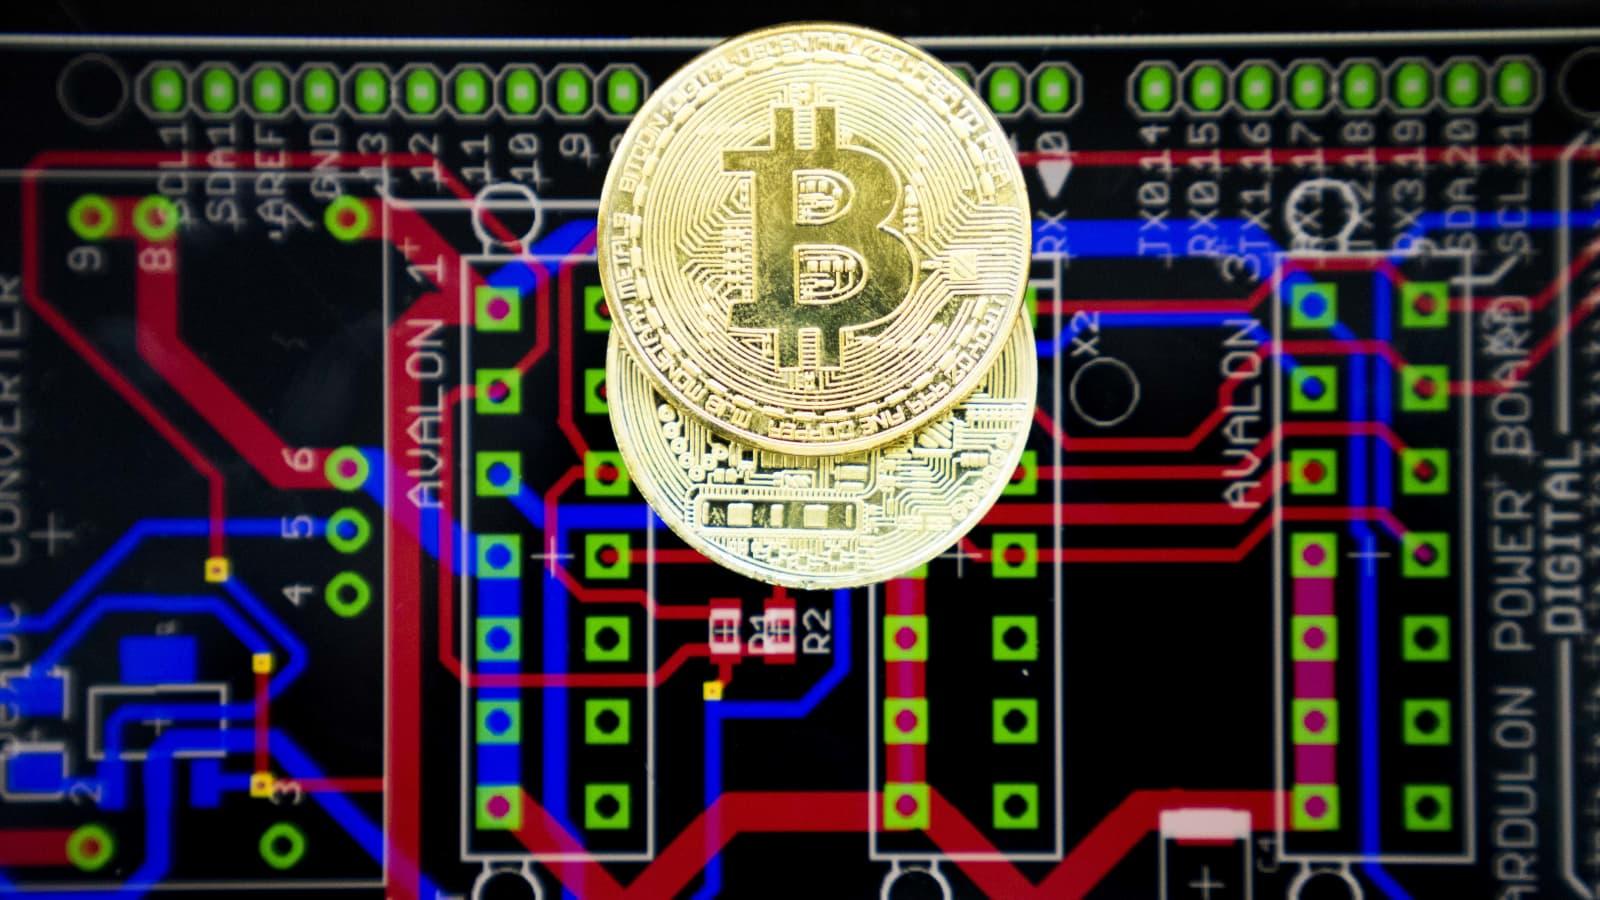 Comprare Bitcoin: Dove e Come   Guida aggiornata Settembre